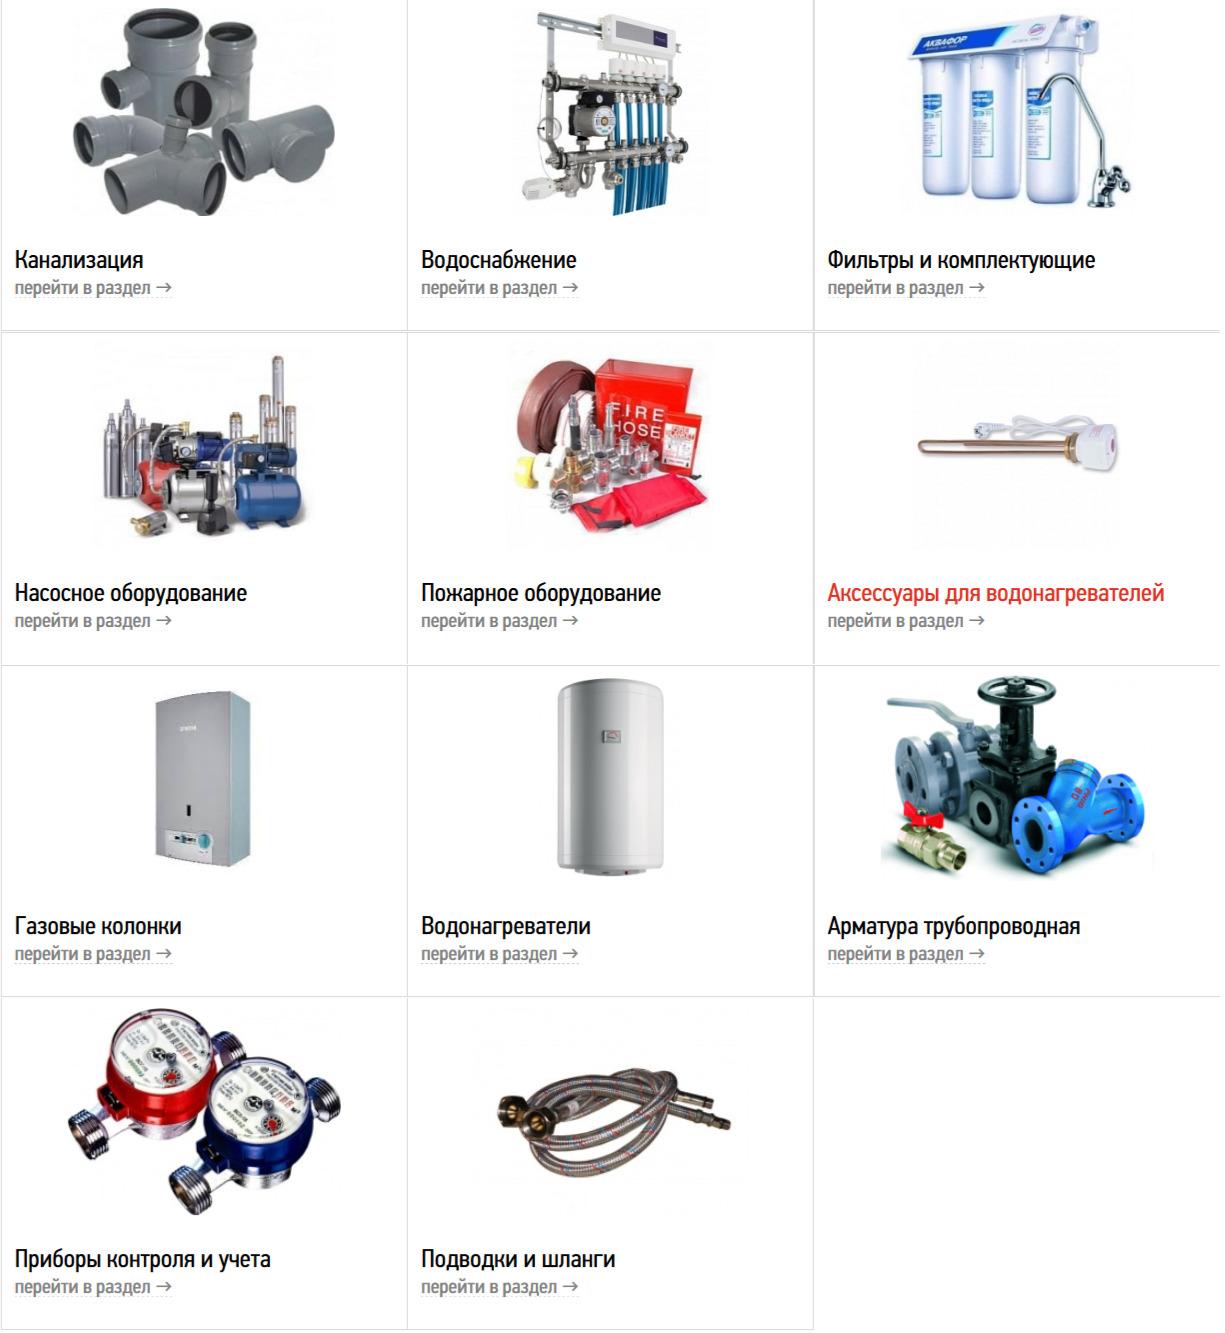 Канализация и водоснабжение